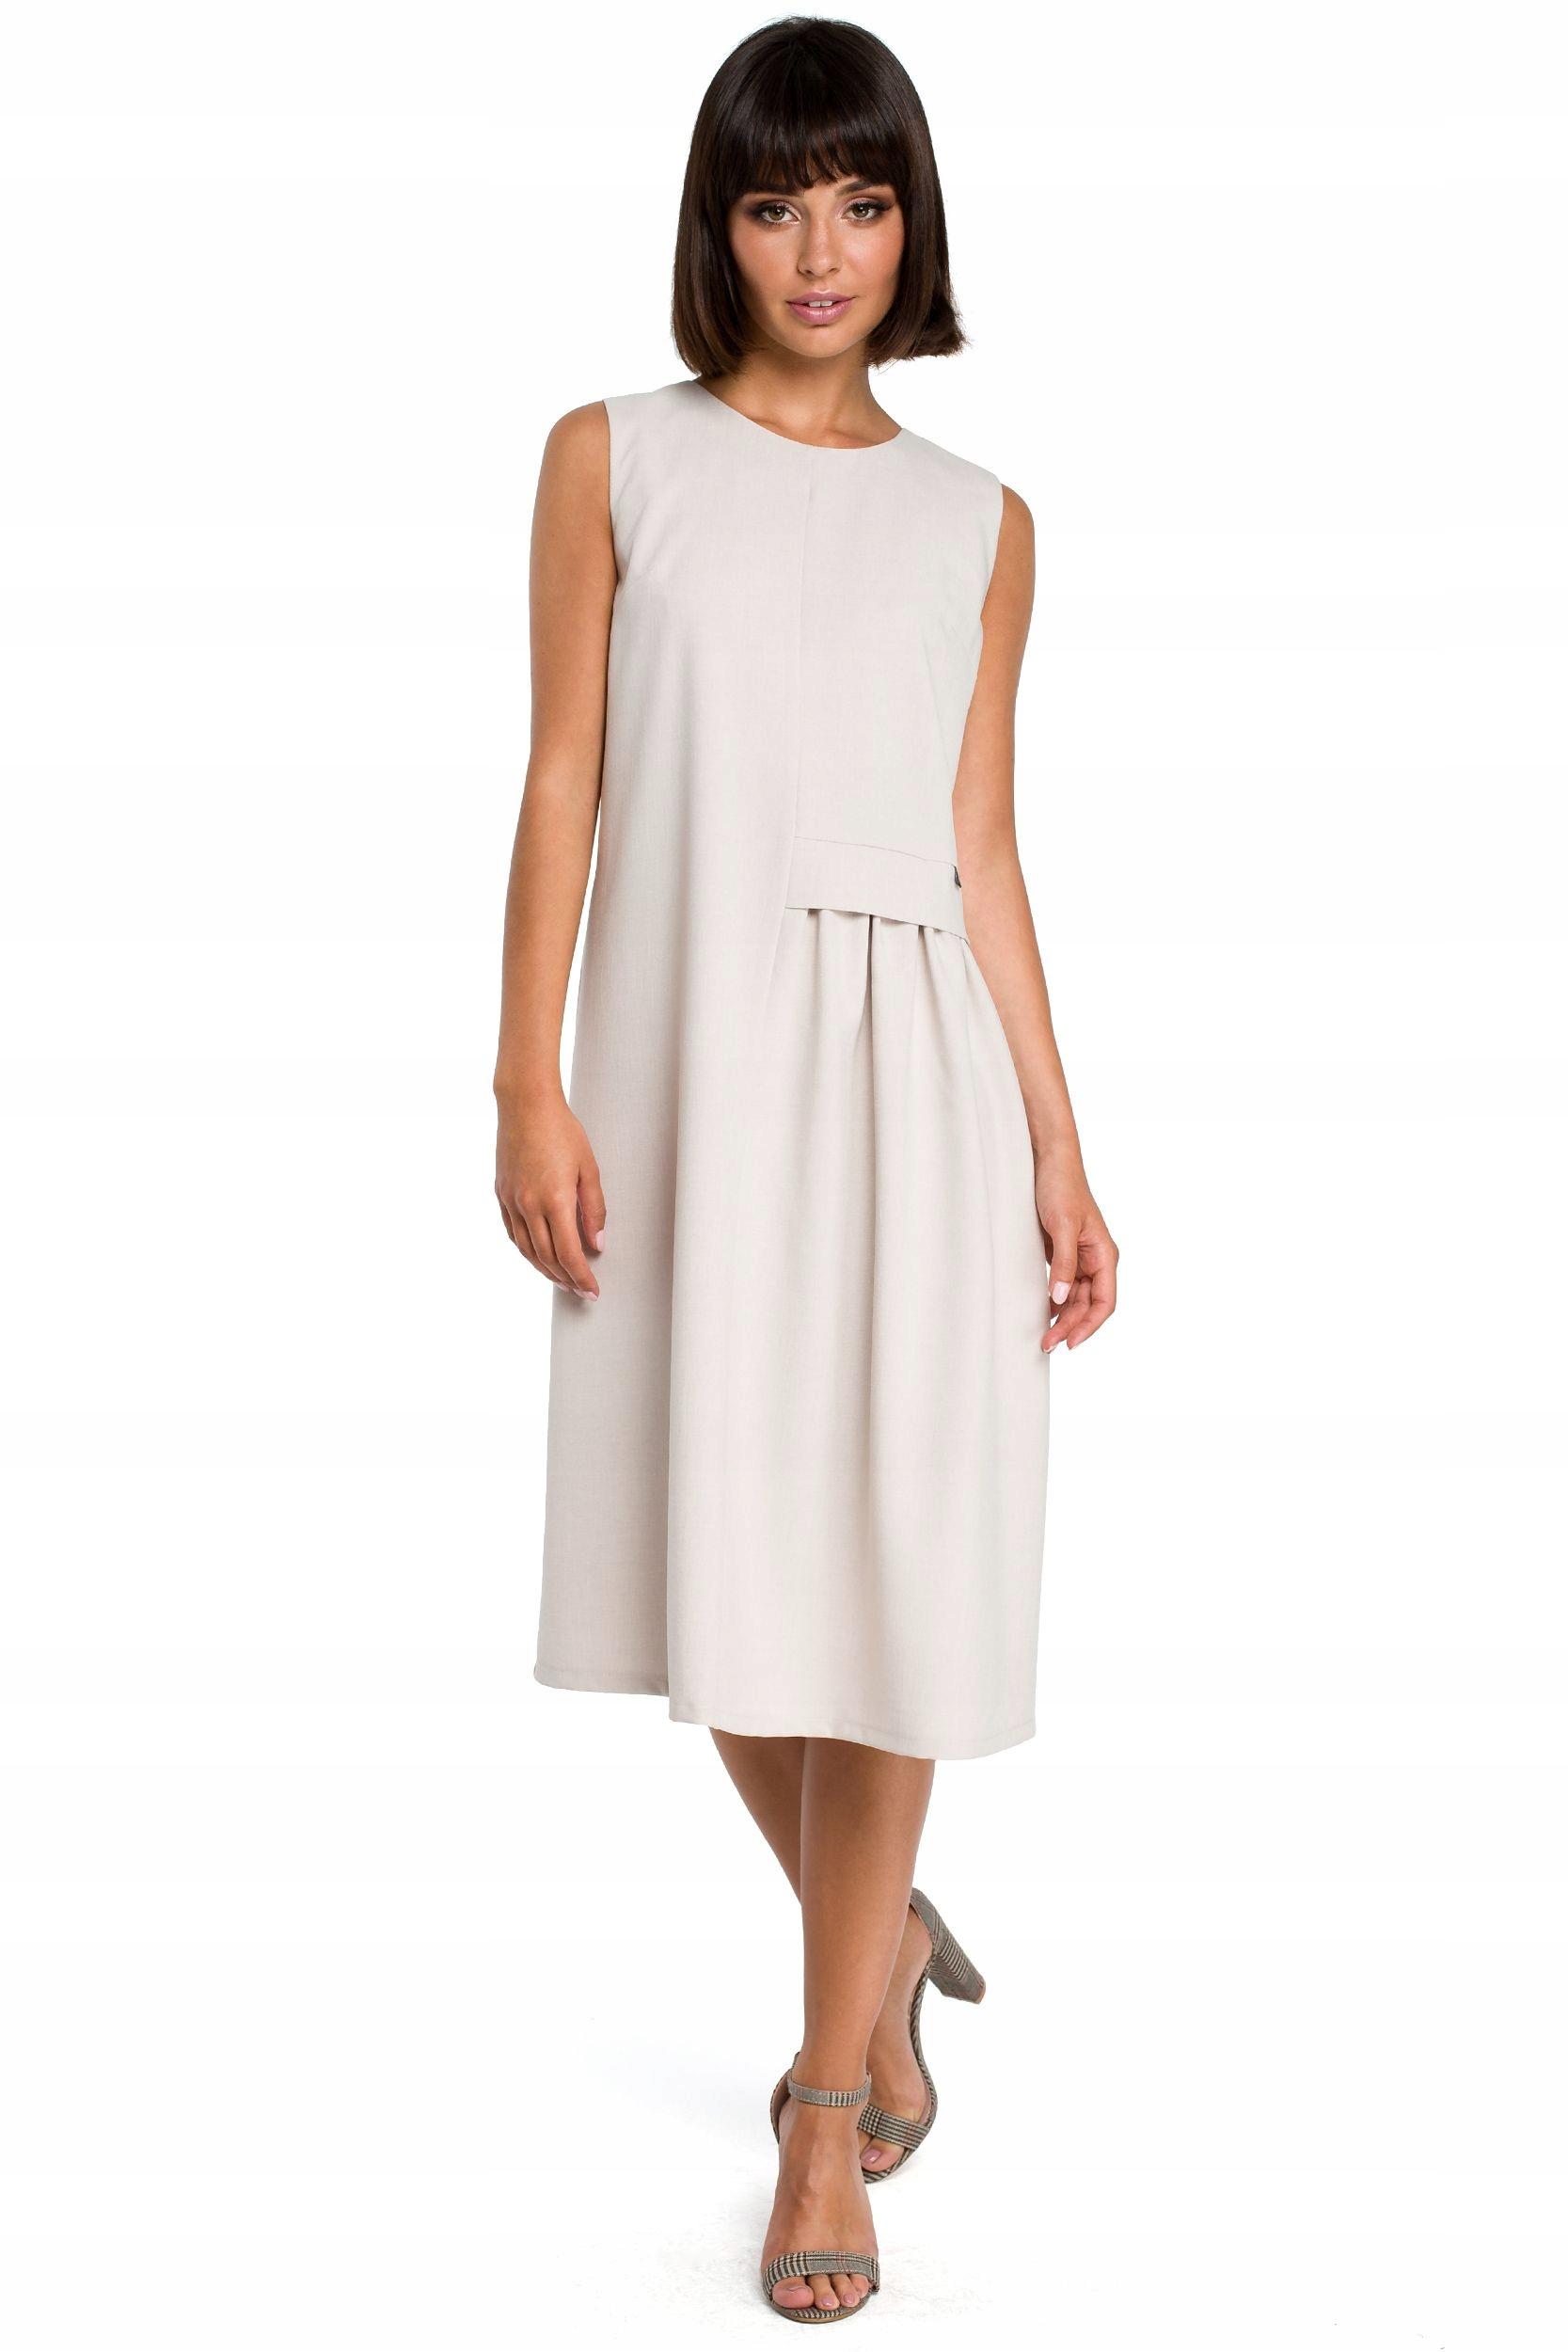 B080 Zwiewna sukienka midi bez rękawów - beżowa 44